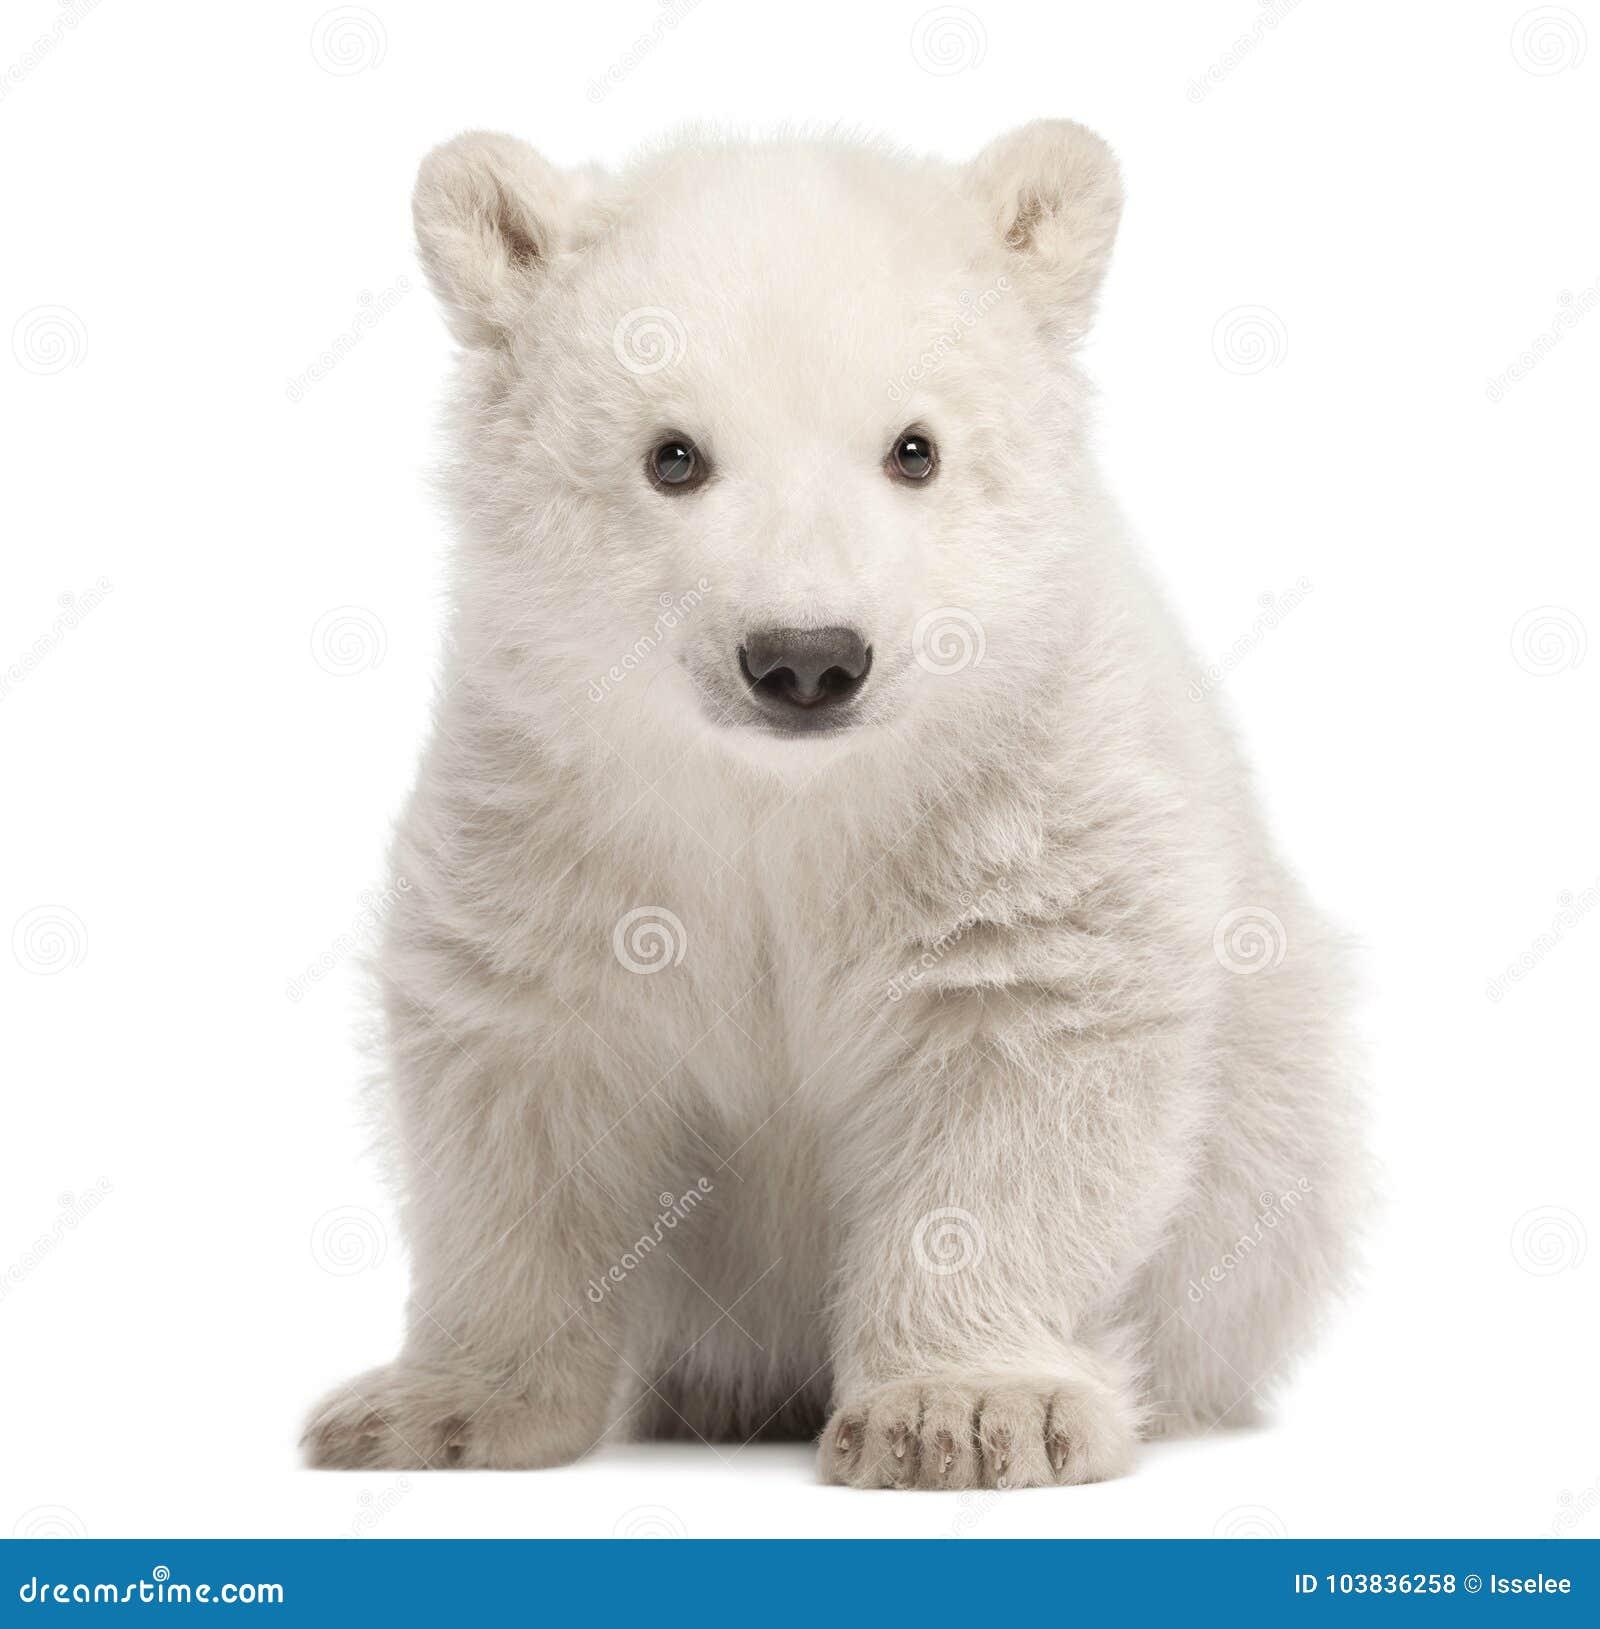 Filhote de urso polar, maritimus do Ursus, 3 meses velho, sentando-se contra w